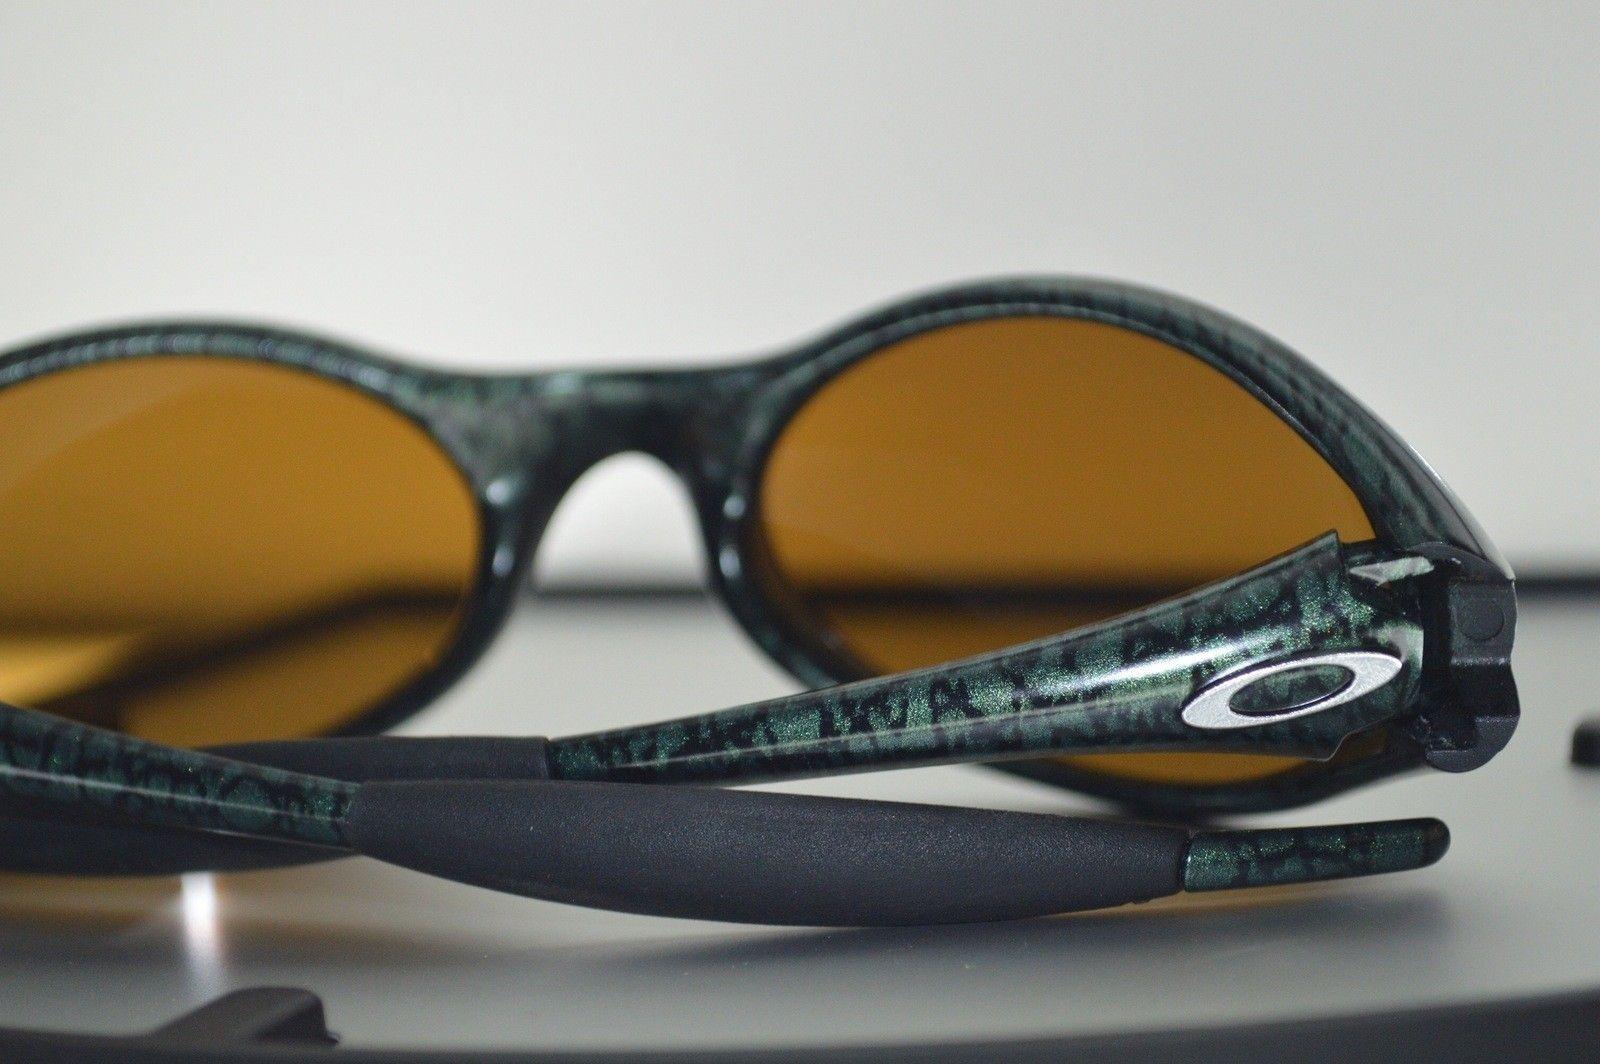 BNOB Eye jacket Black w/ vr28 & Fuel w/ Gold Iridium & Fmj 7.62mm w/ Gold Iridium #SOLD - image.jpeg